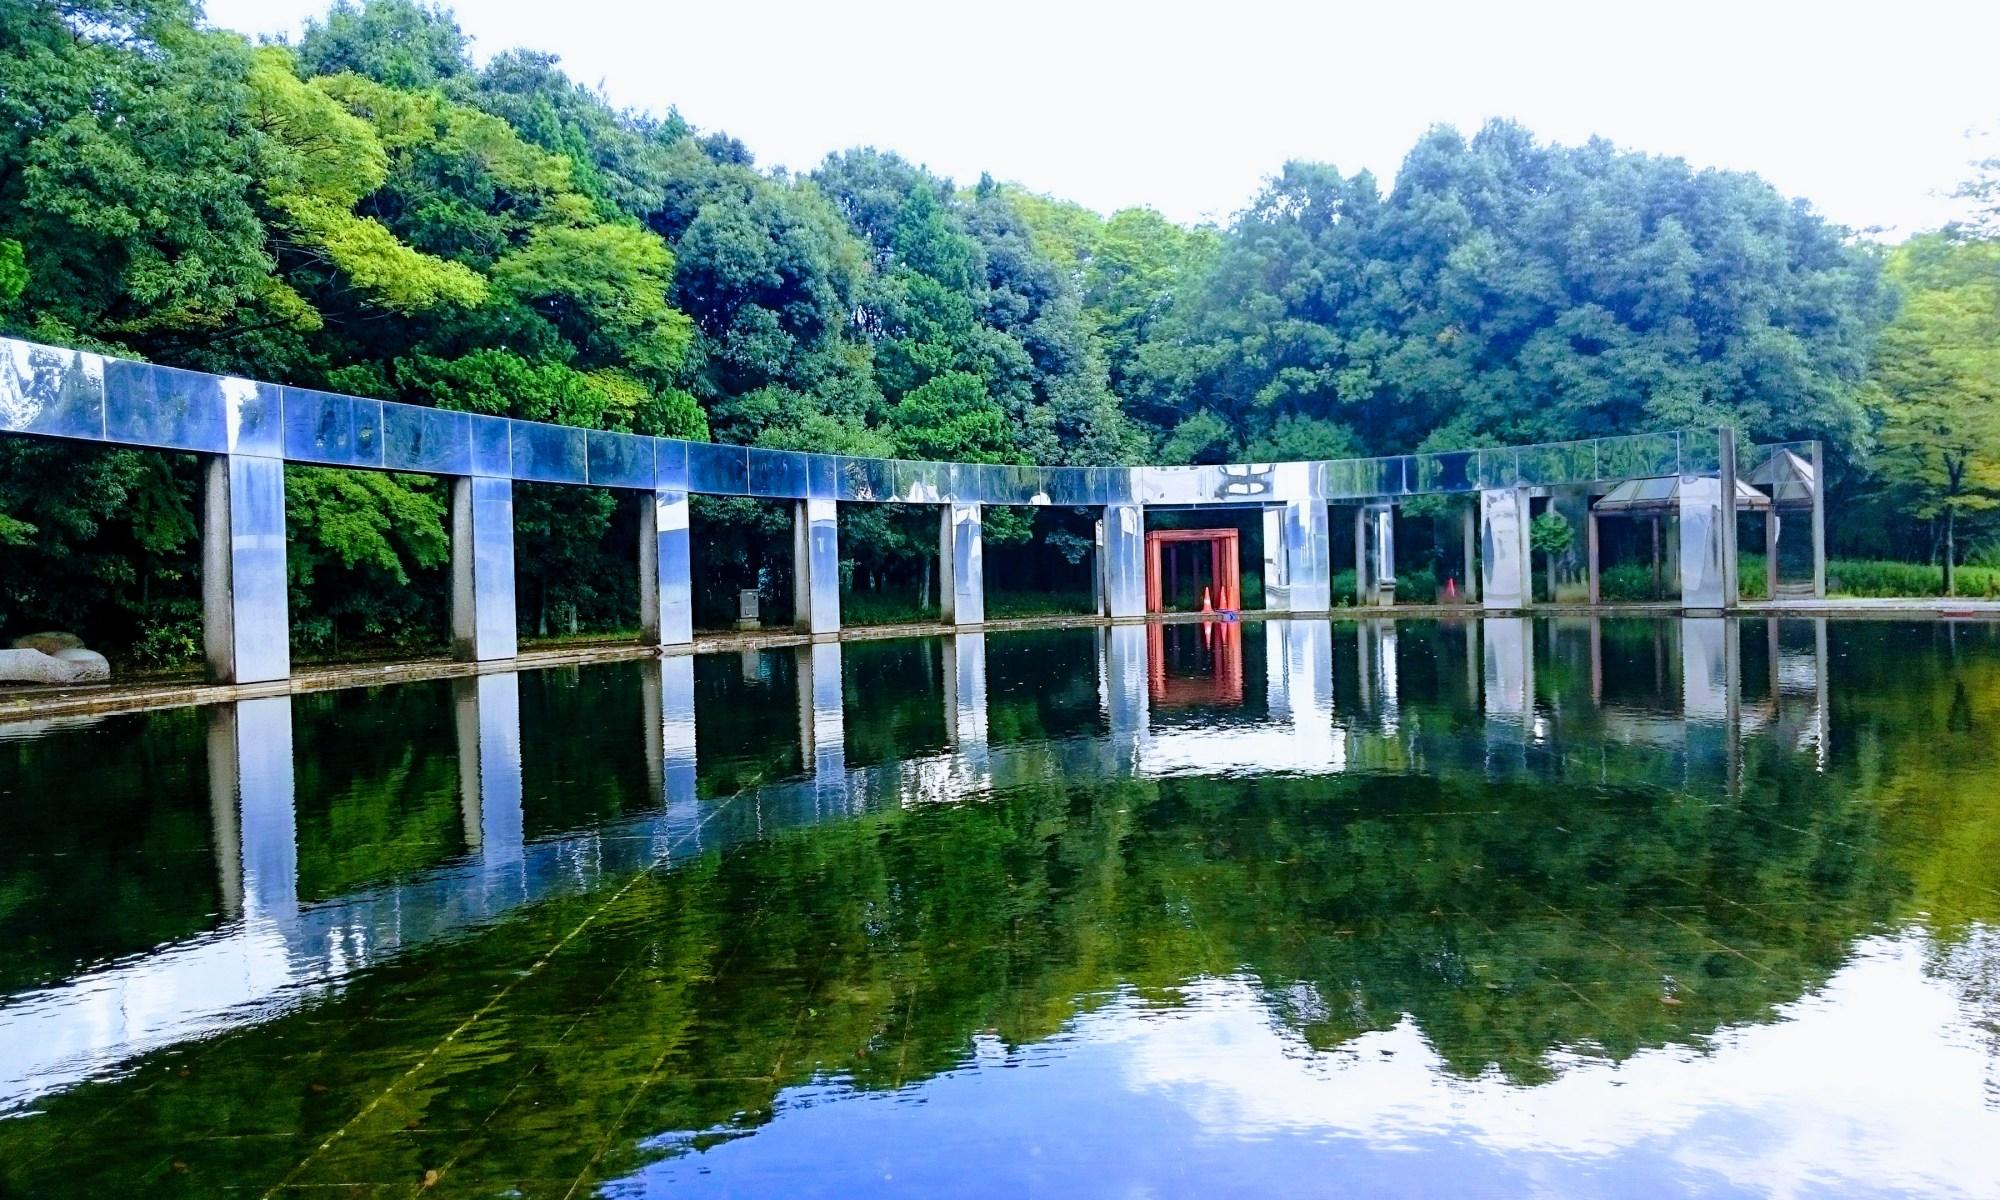 パルテノン多摩の池